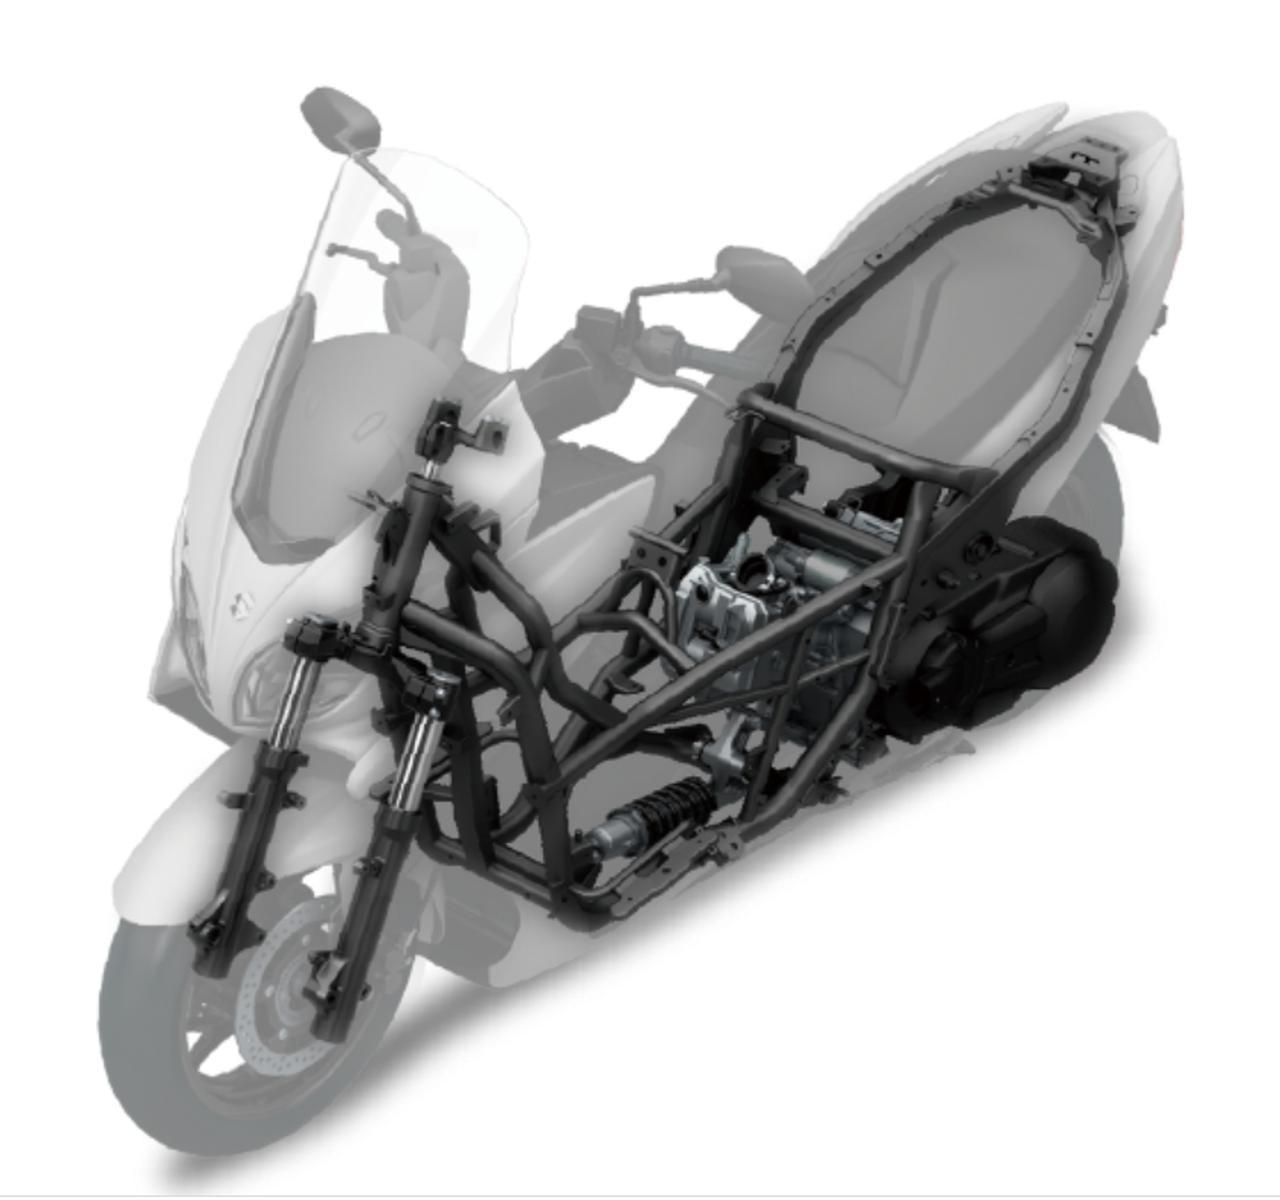 画像2: バーグマン400はスズキのバイクで最もハンドリングがおおらか